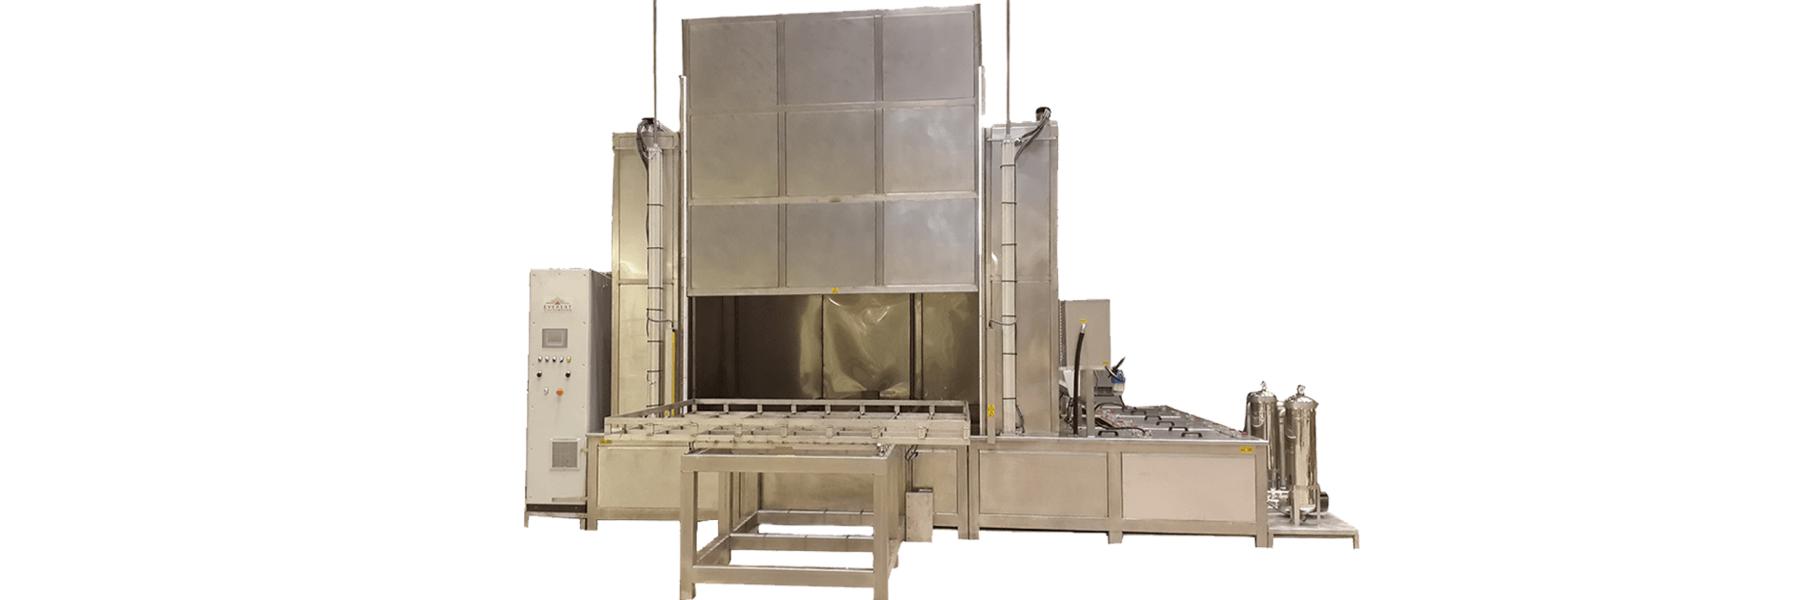 Lavadoras industriales a medida 1